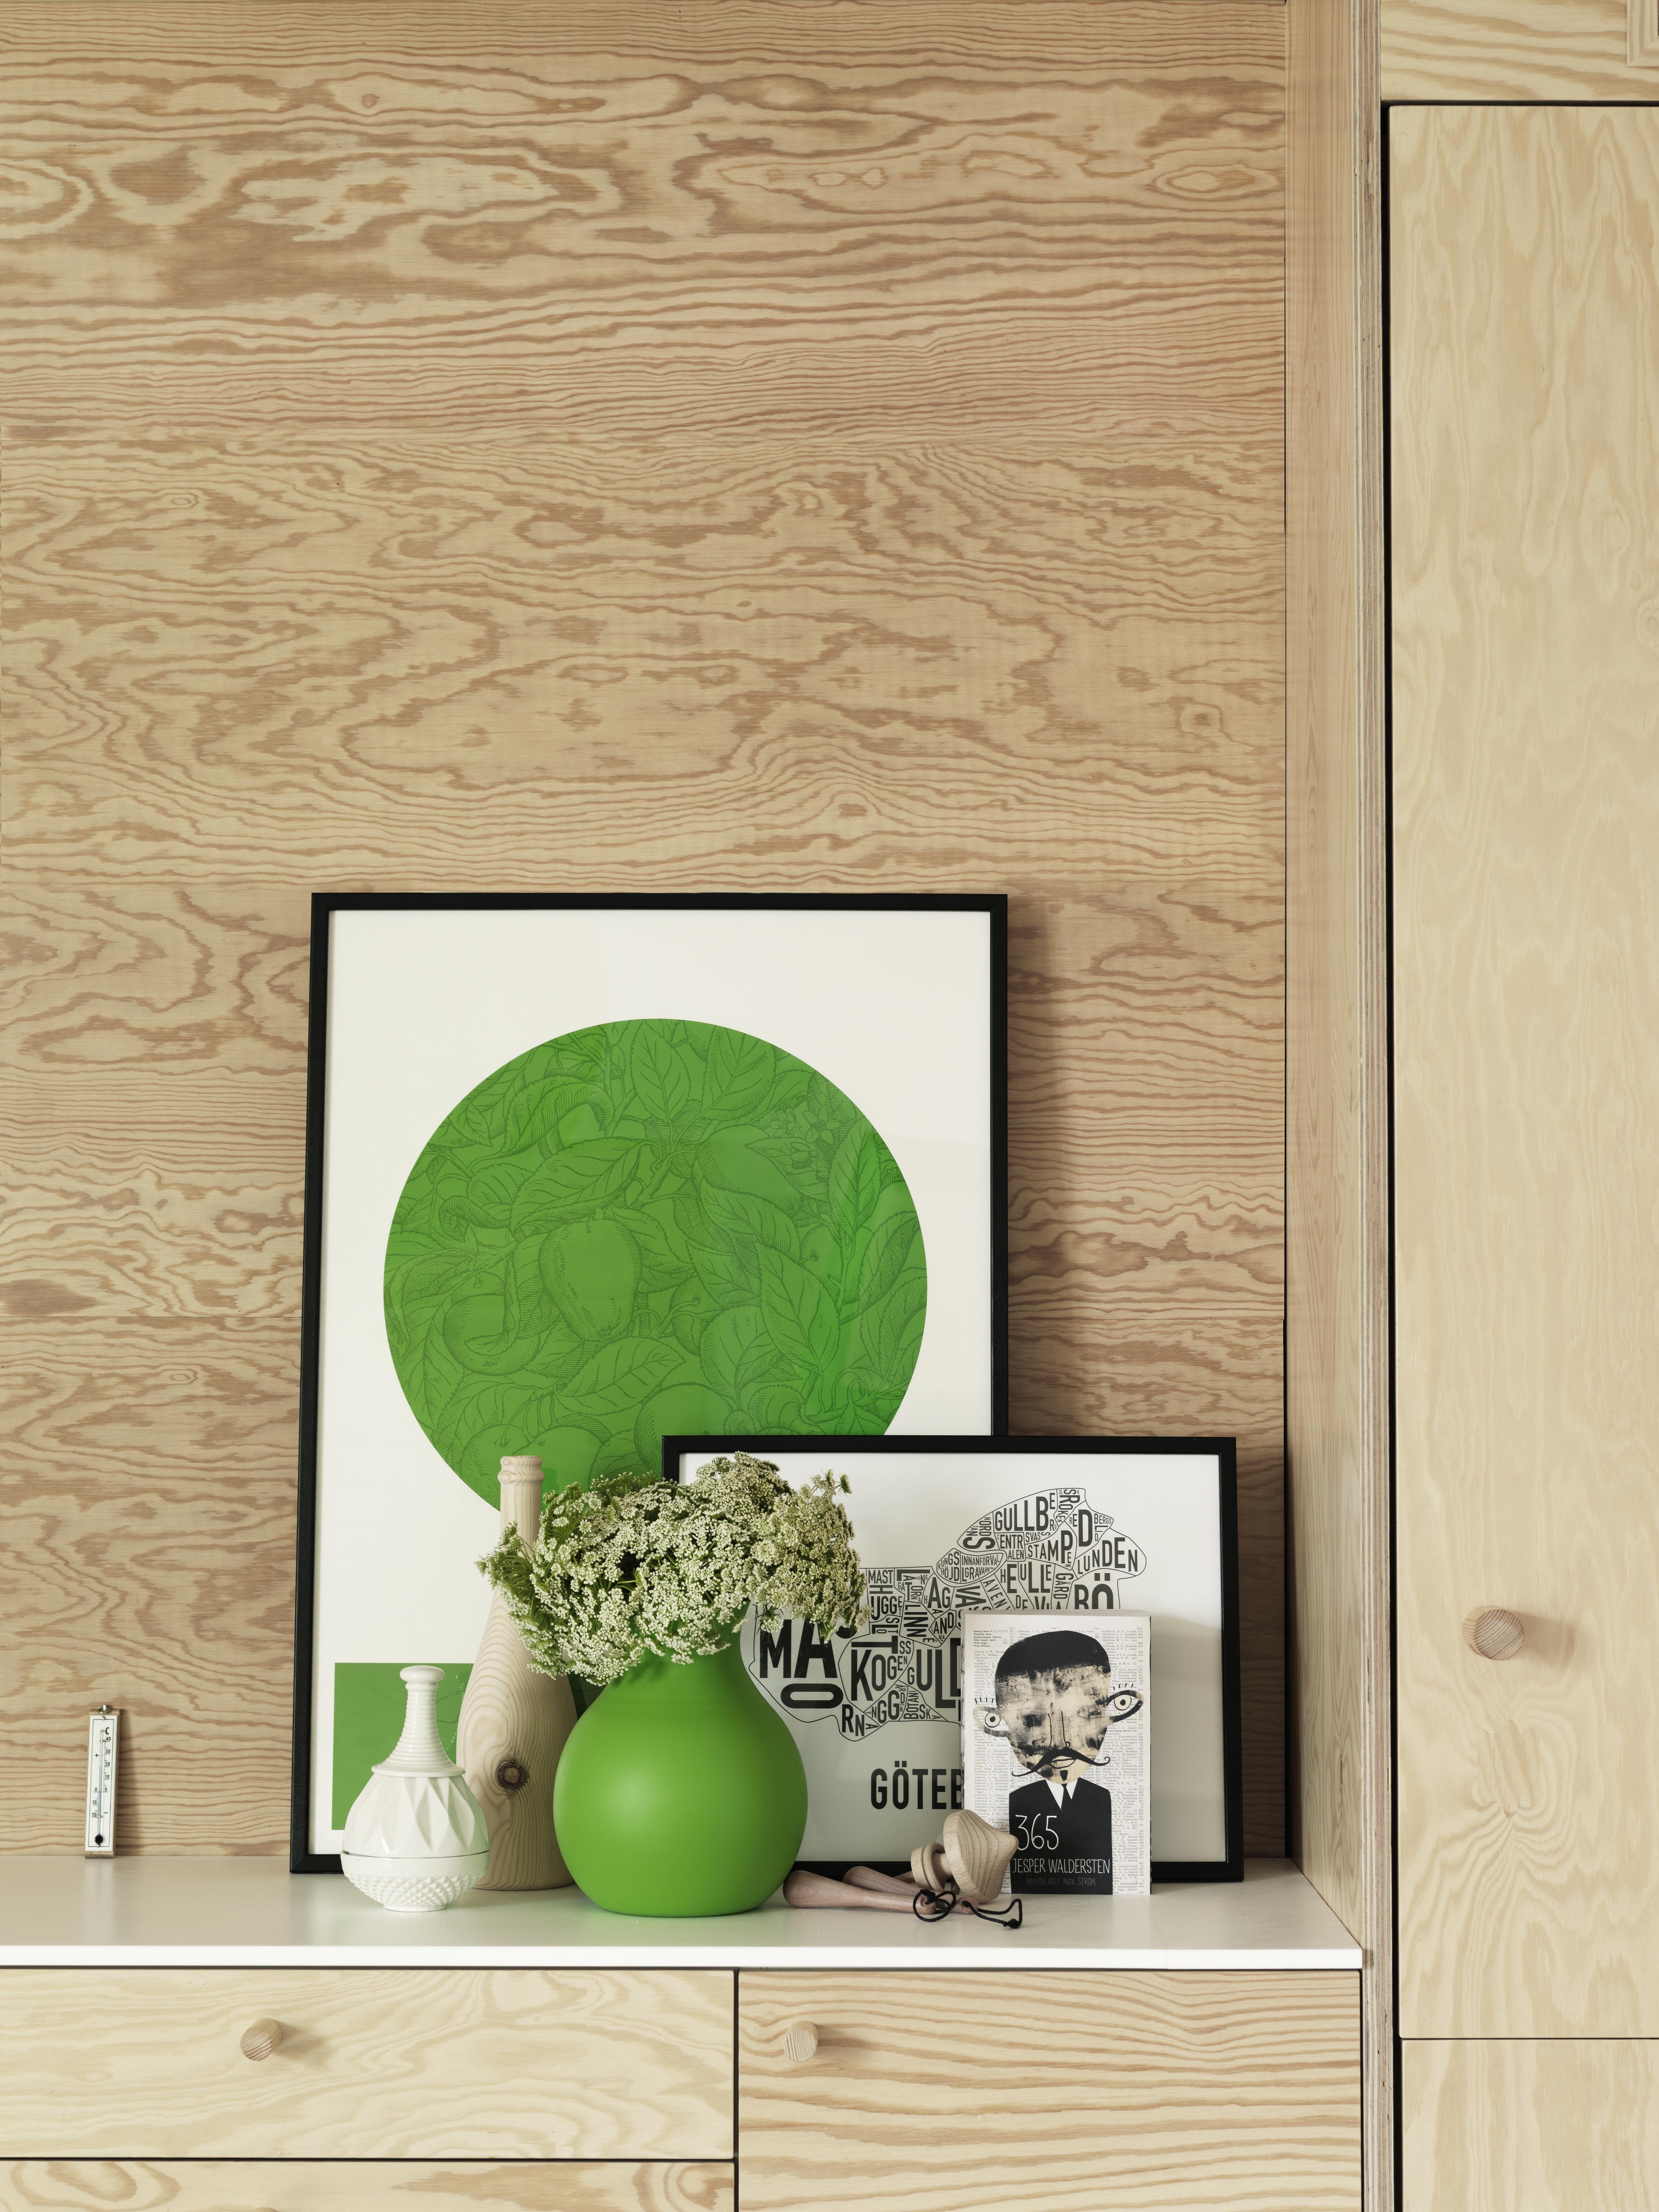 eec50d2d0e374bbc9a7e4f69c7eca234 Meilleur De De Meuble De Style Des Idées